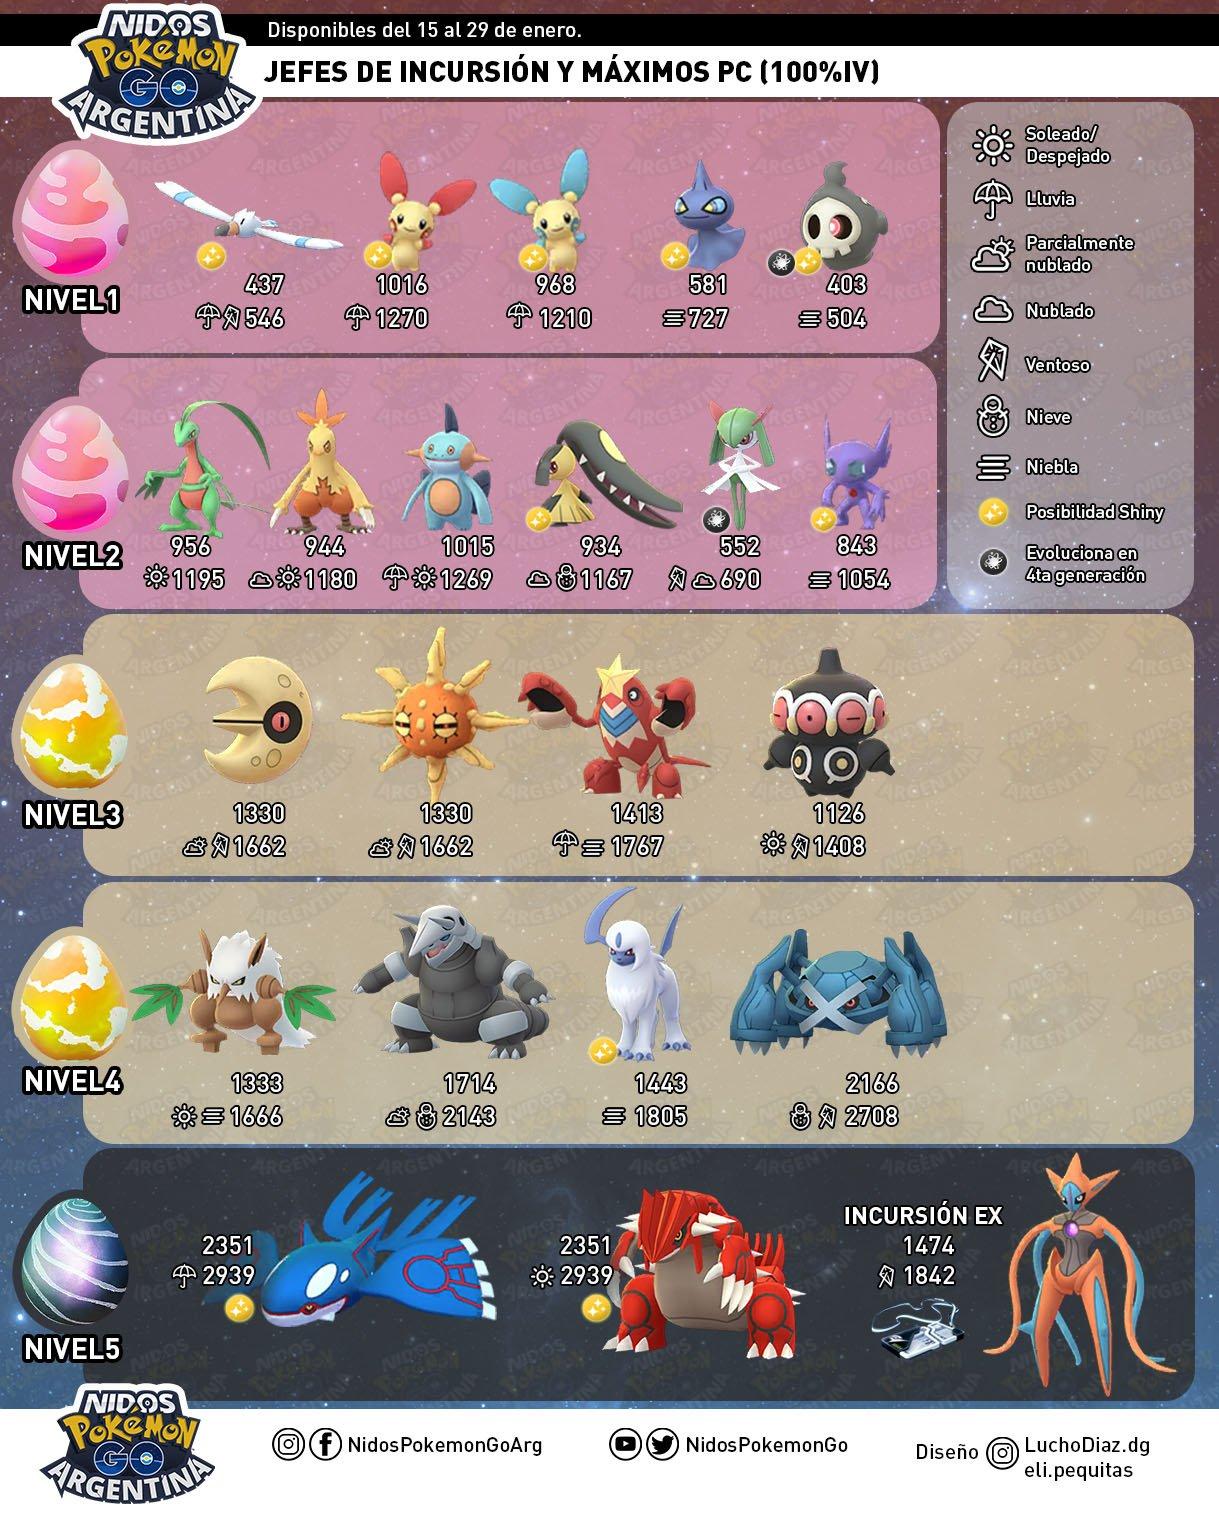 Imagen de Nidos Pokémon GO Argentina de los jefes de incursión durante el evento de Hoenn que se celebra en Pokémon GO.